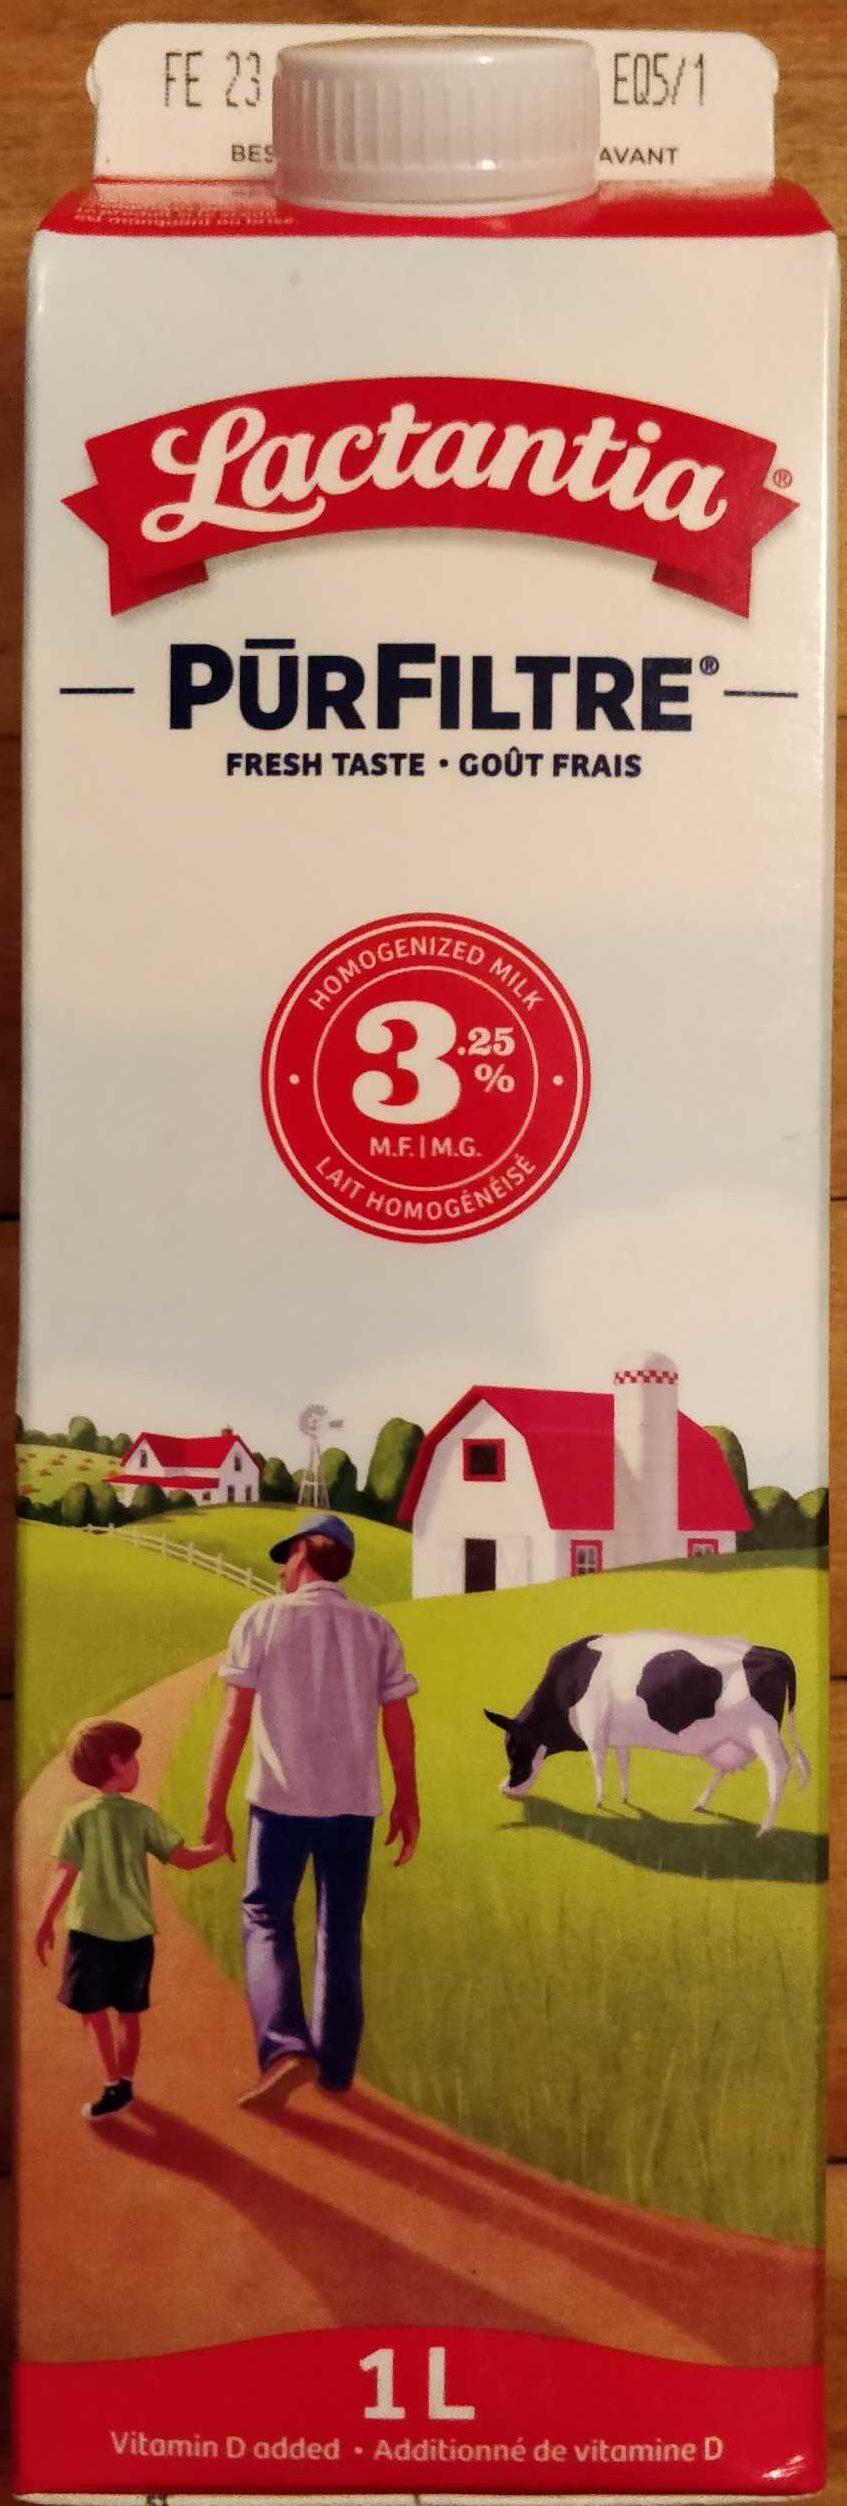 PūrFiltre lait homogénéisé 3,25 % M.G. - Product